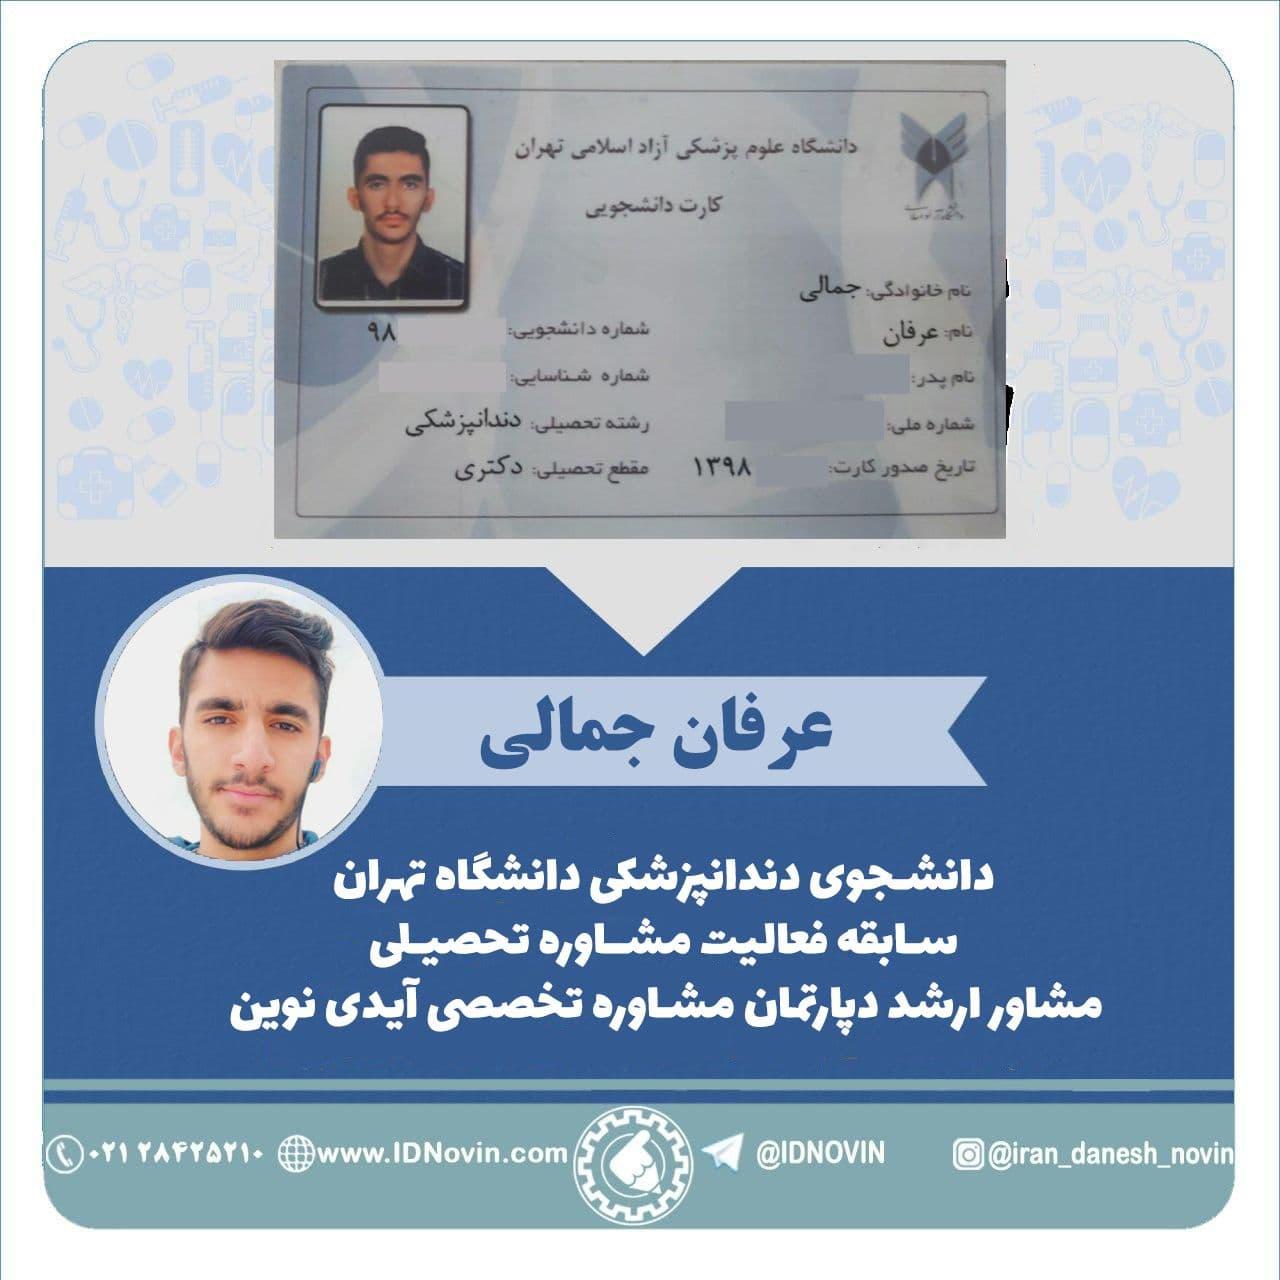 دکتر عرفان جمالی، دندانپزشکی دانشگاه تهران